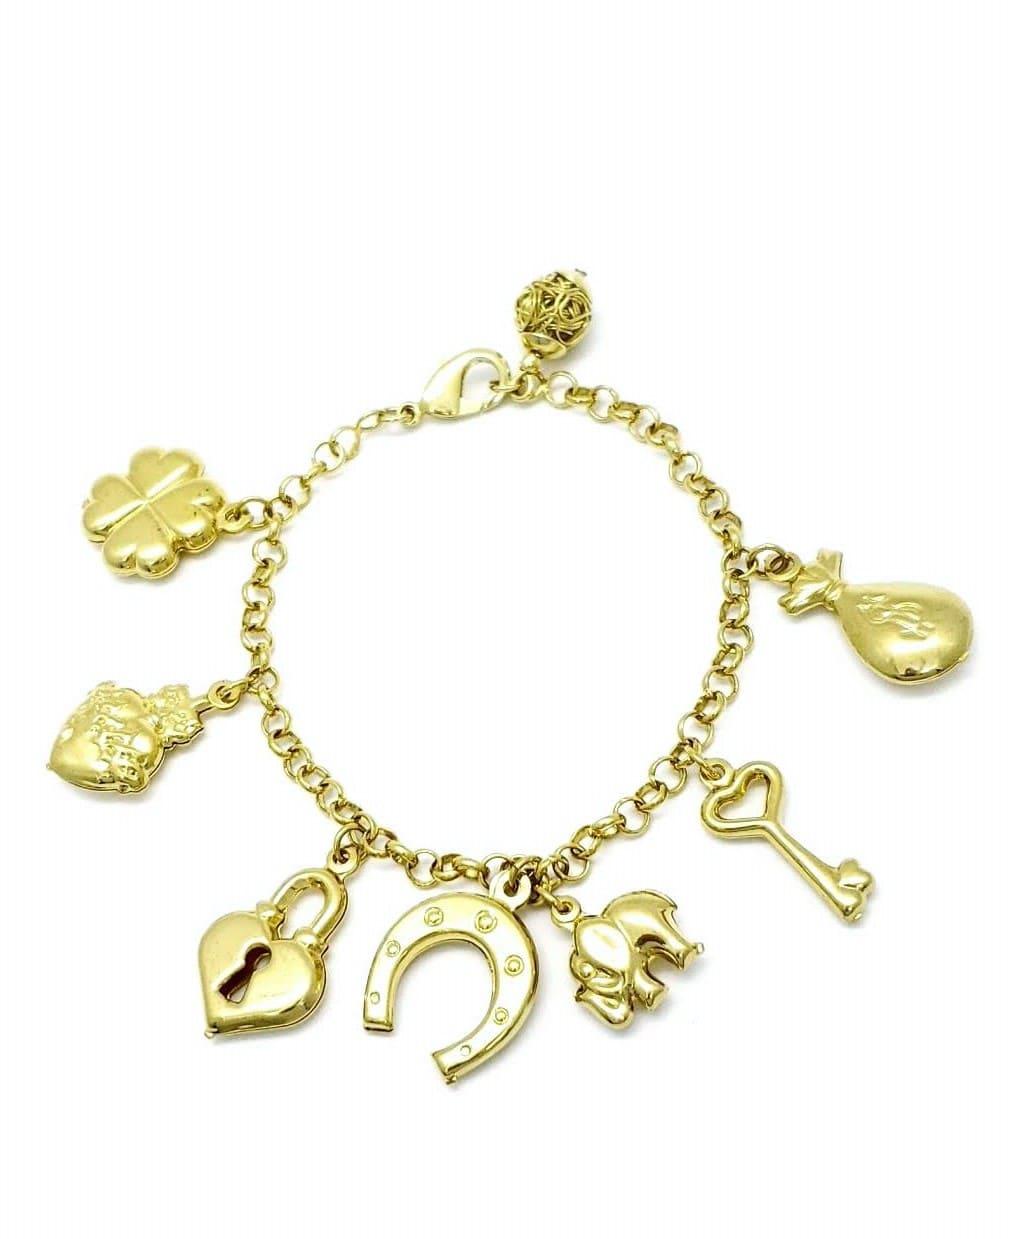 Pulseira 7 Amuletos Da Sorte Patuá Banho De Ouro 18k 211